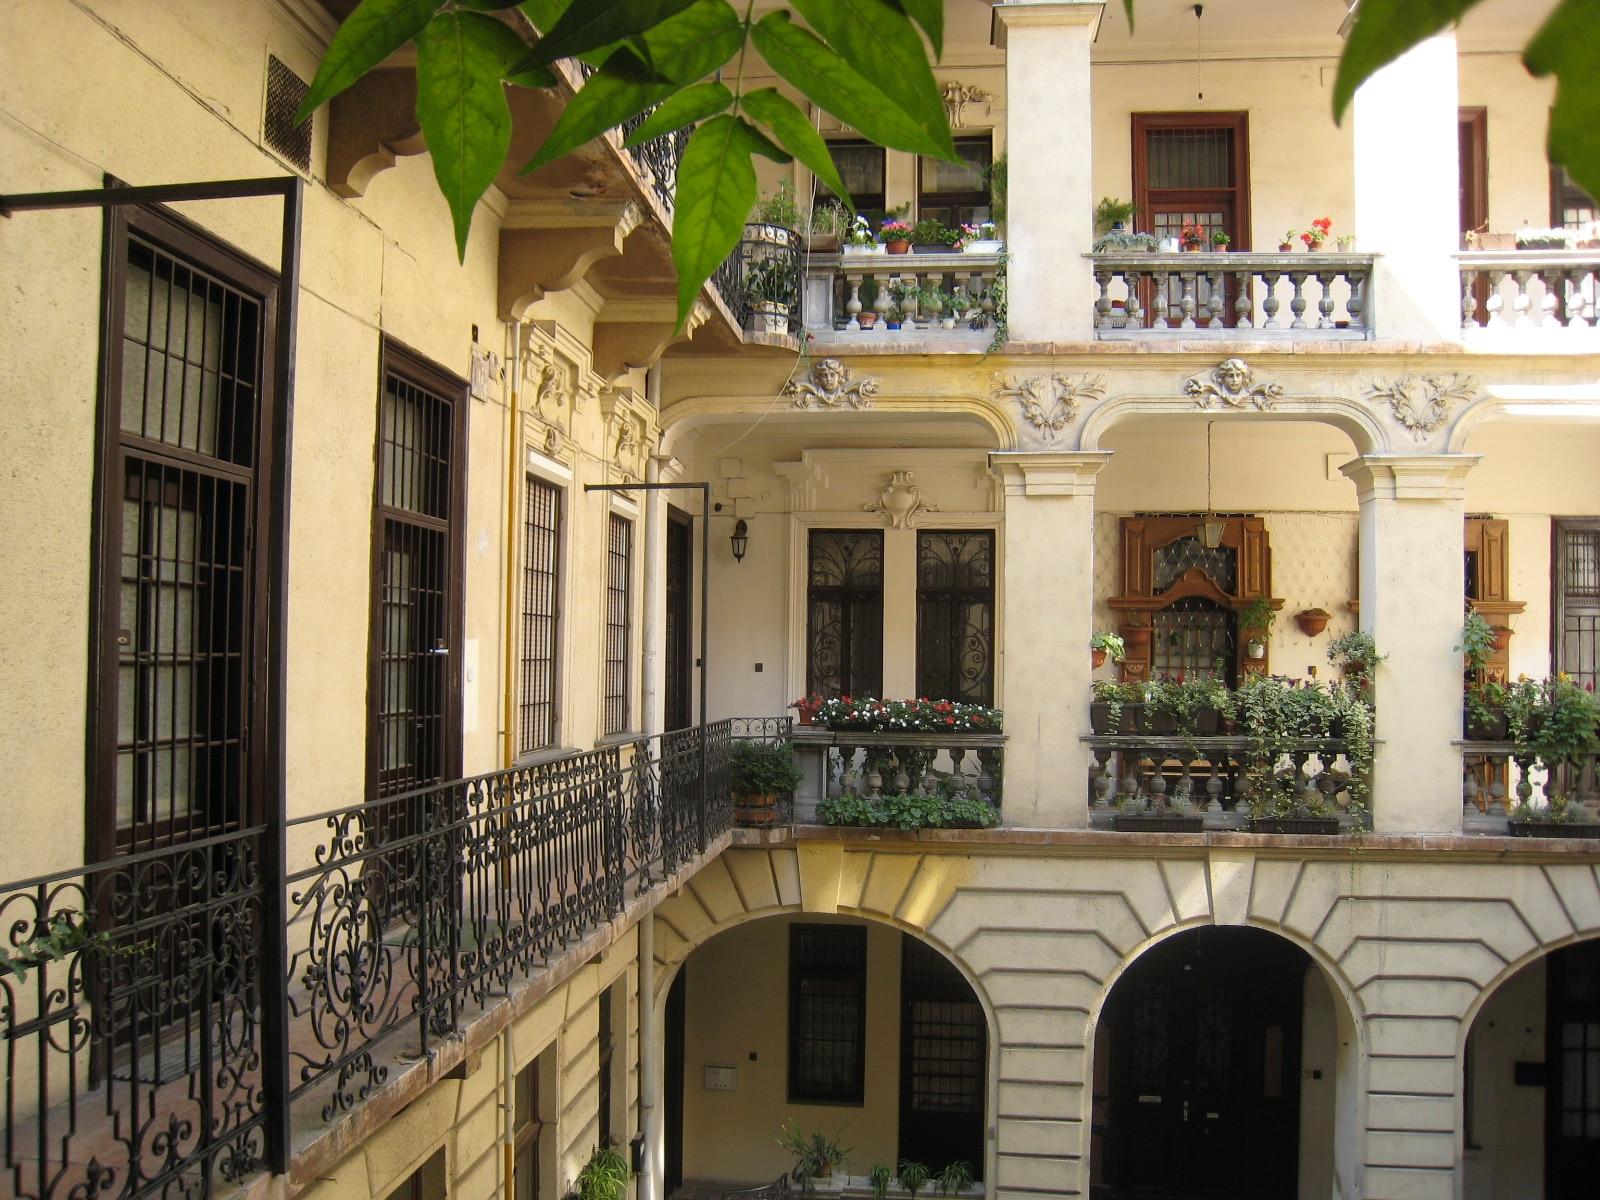 Authentieke ervaring van wonen in een stad geeft doorslag belvilla vakantiehuizen - Een doorslag ...